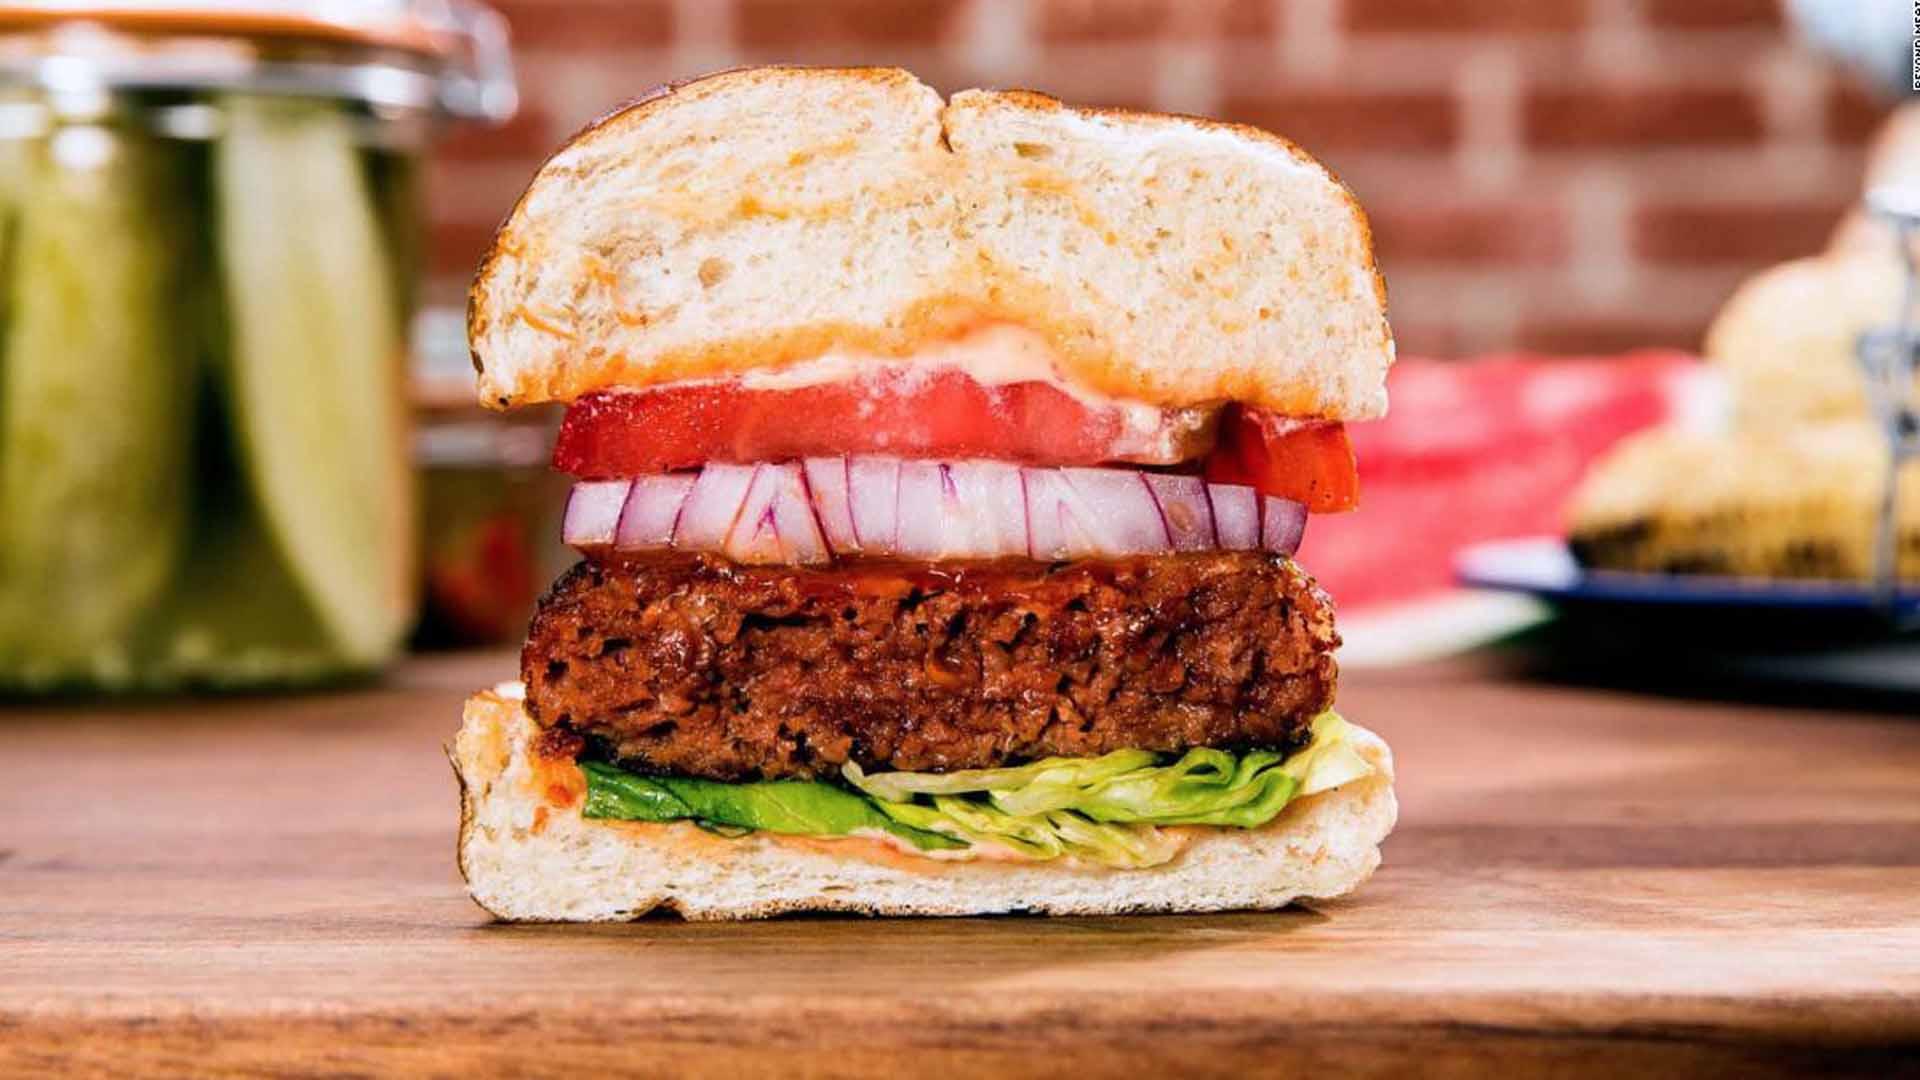 Anche i grandi fast food stano vendendo Beyond Meat